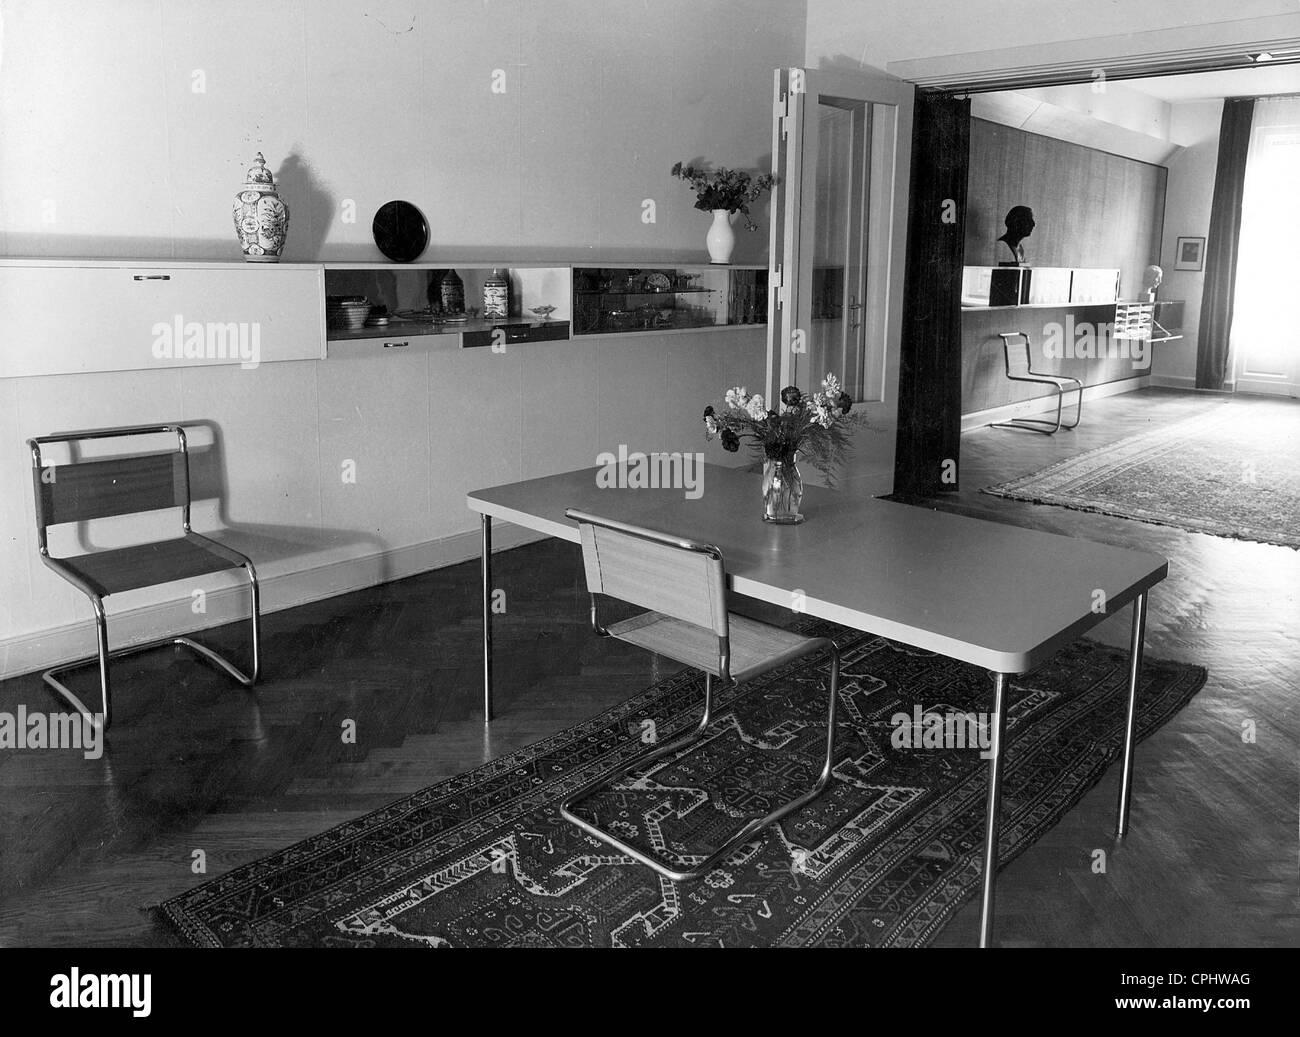 inneneinrichtung im bauhaus stil erstellt von marcel breuer stockfoto bild 48336248 alamy. Black Bedroom Furniture Sets. Home Design Ideas